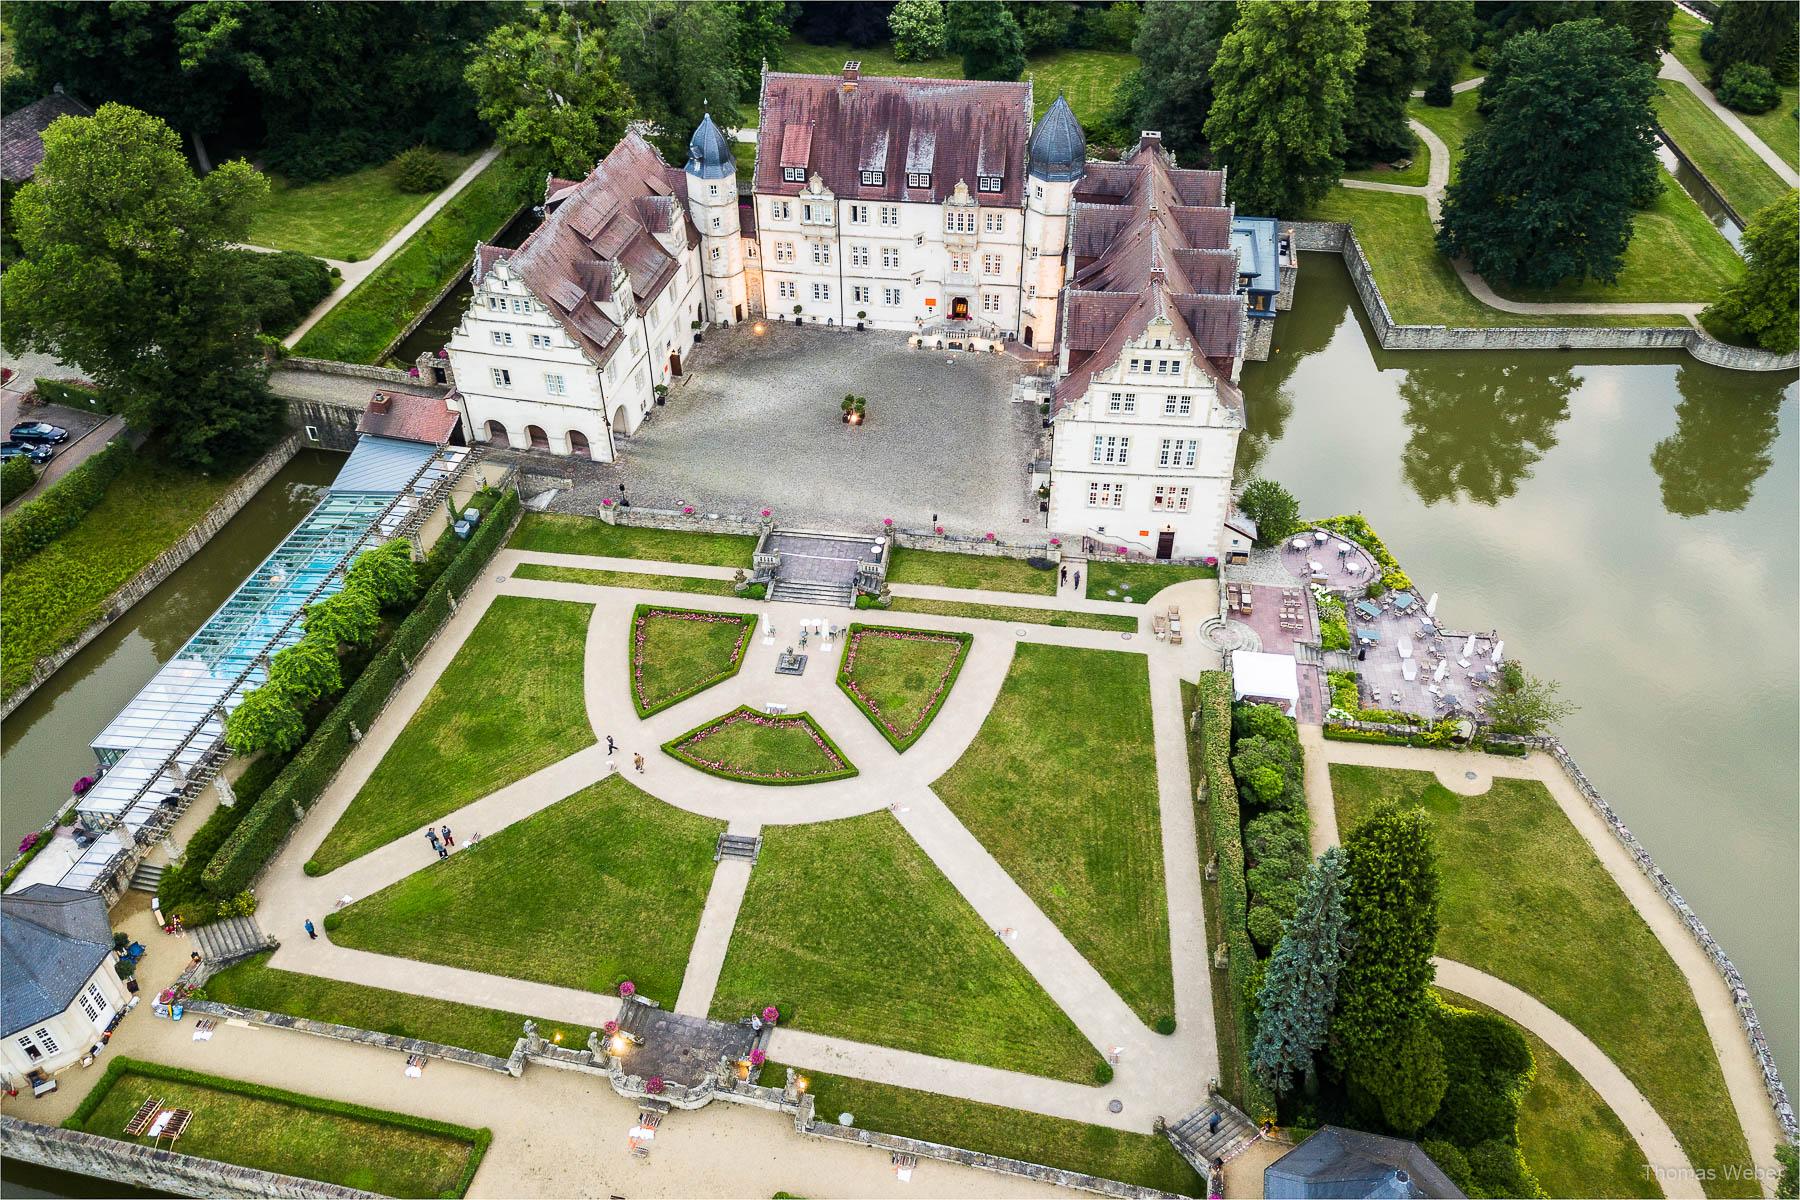 Hochzeitsfotograf im Schlosshotel Münchhausen in Aerzen, Hochzeitsfotograf Thomas Weber aus Oldenburg